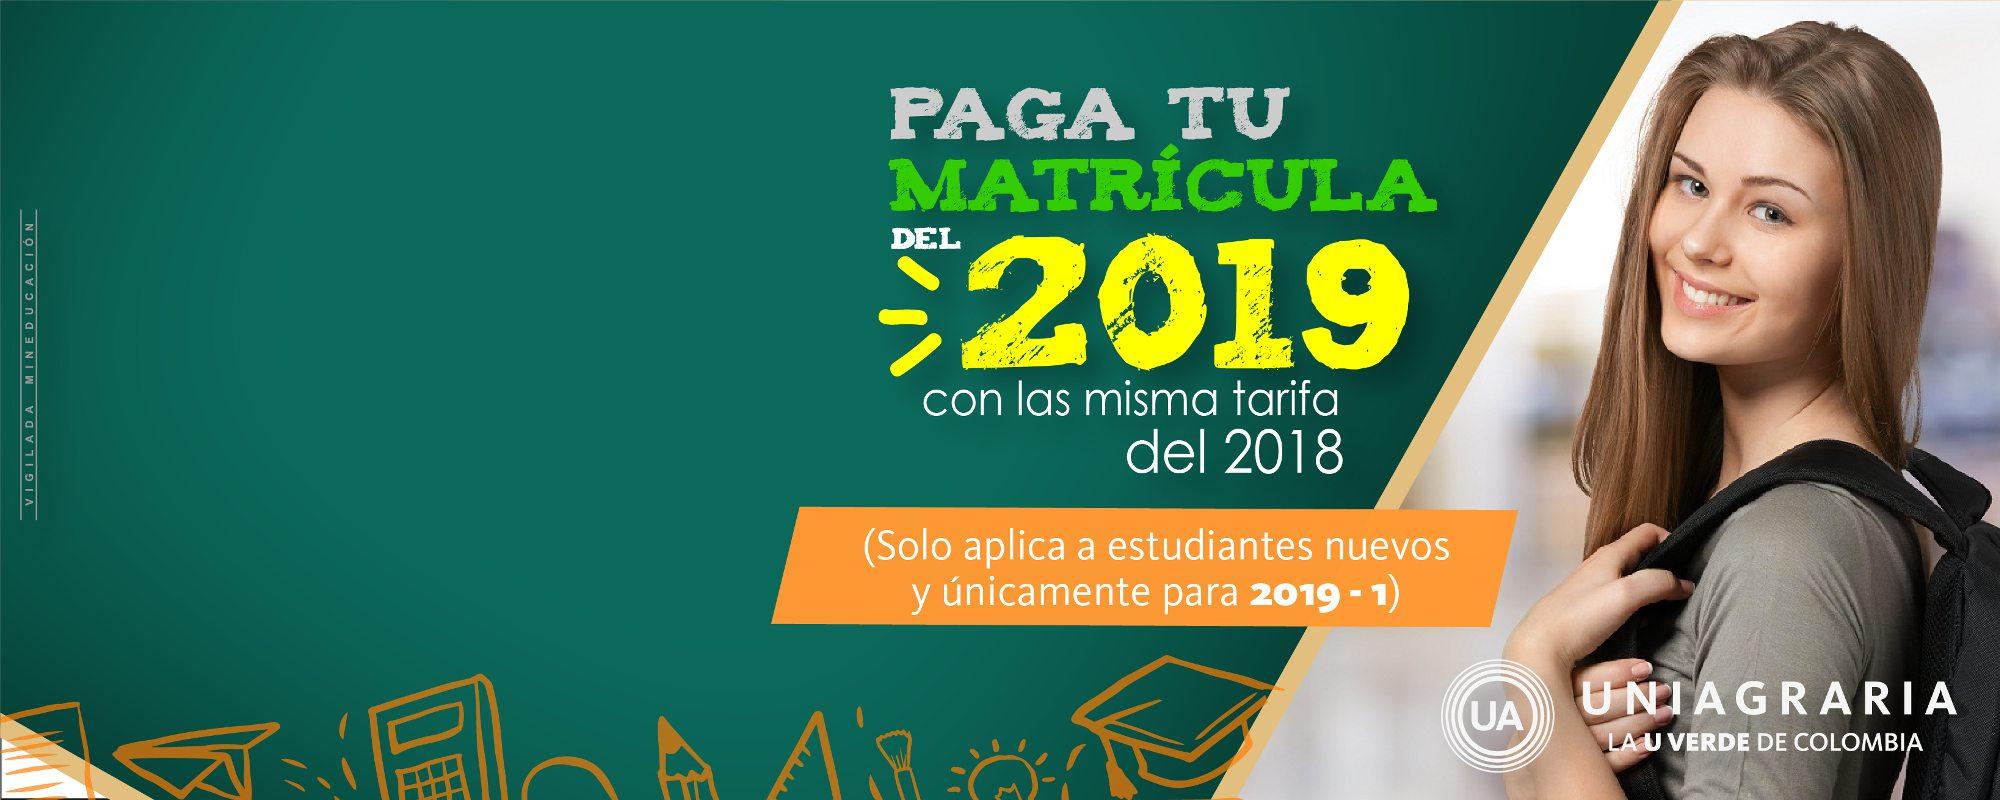 Paga tu matrícula del 2019 con la misma tarifa del 2018 (solo aplica a estudiantes nuevos)